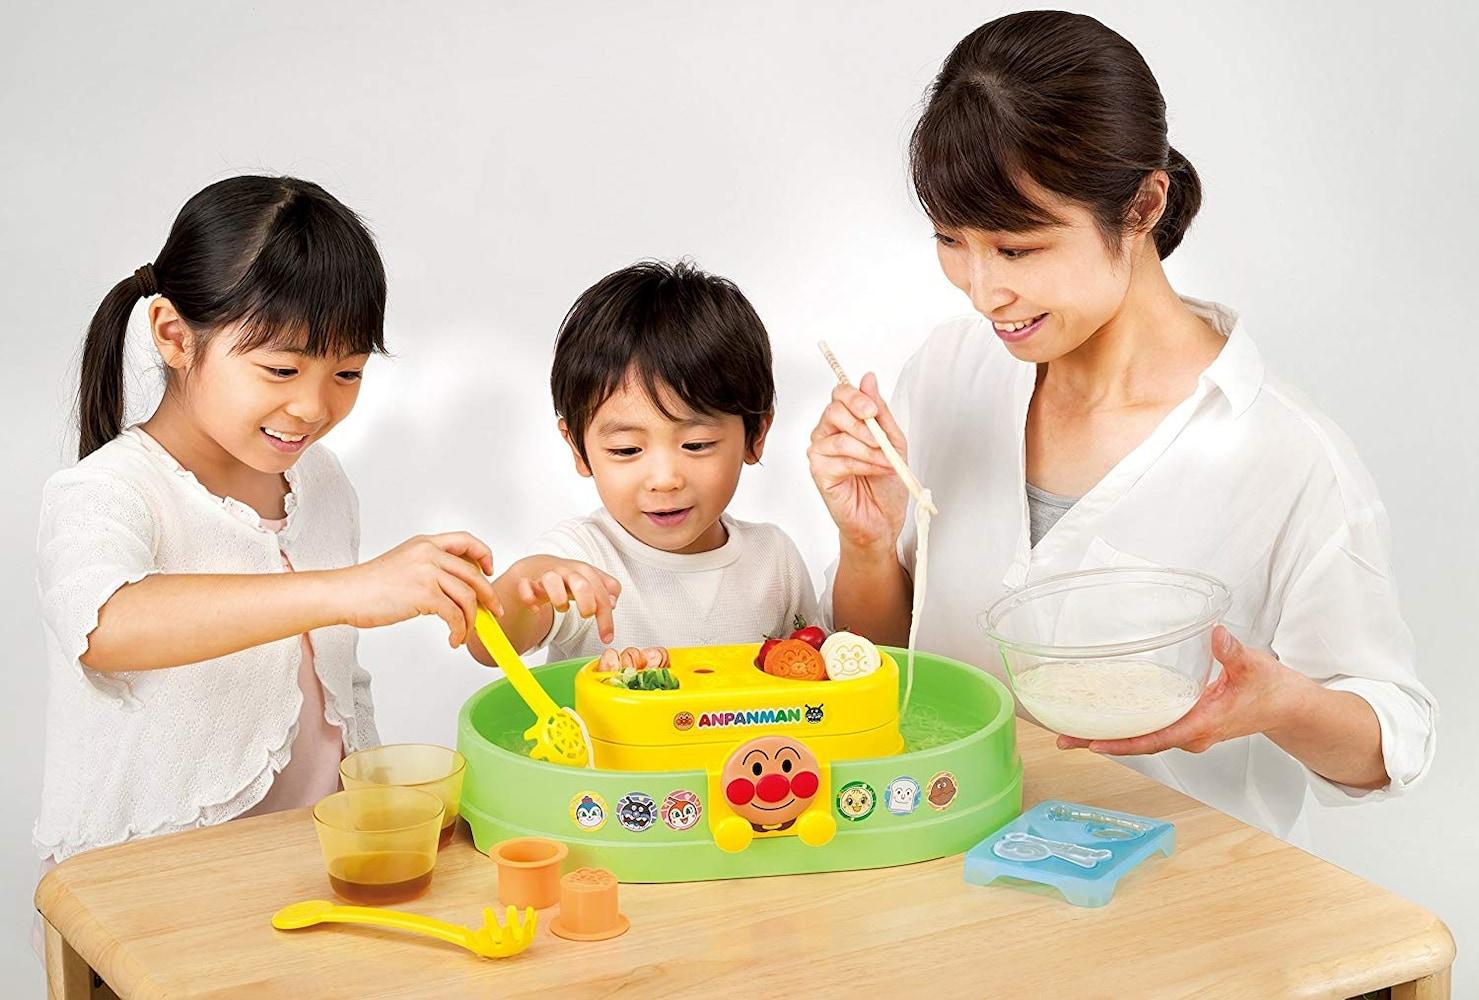 器タイプ|コンパクトで子どもでも麺を取りやすい